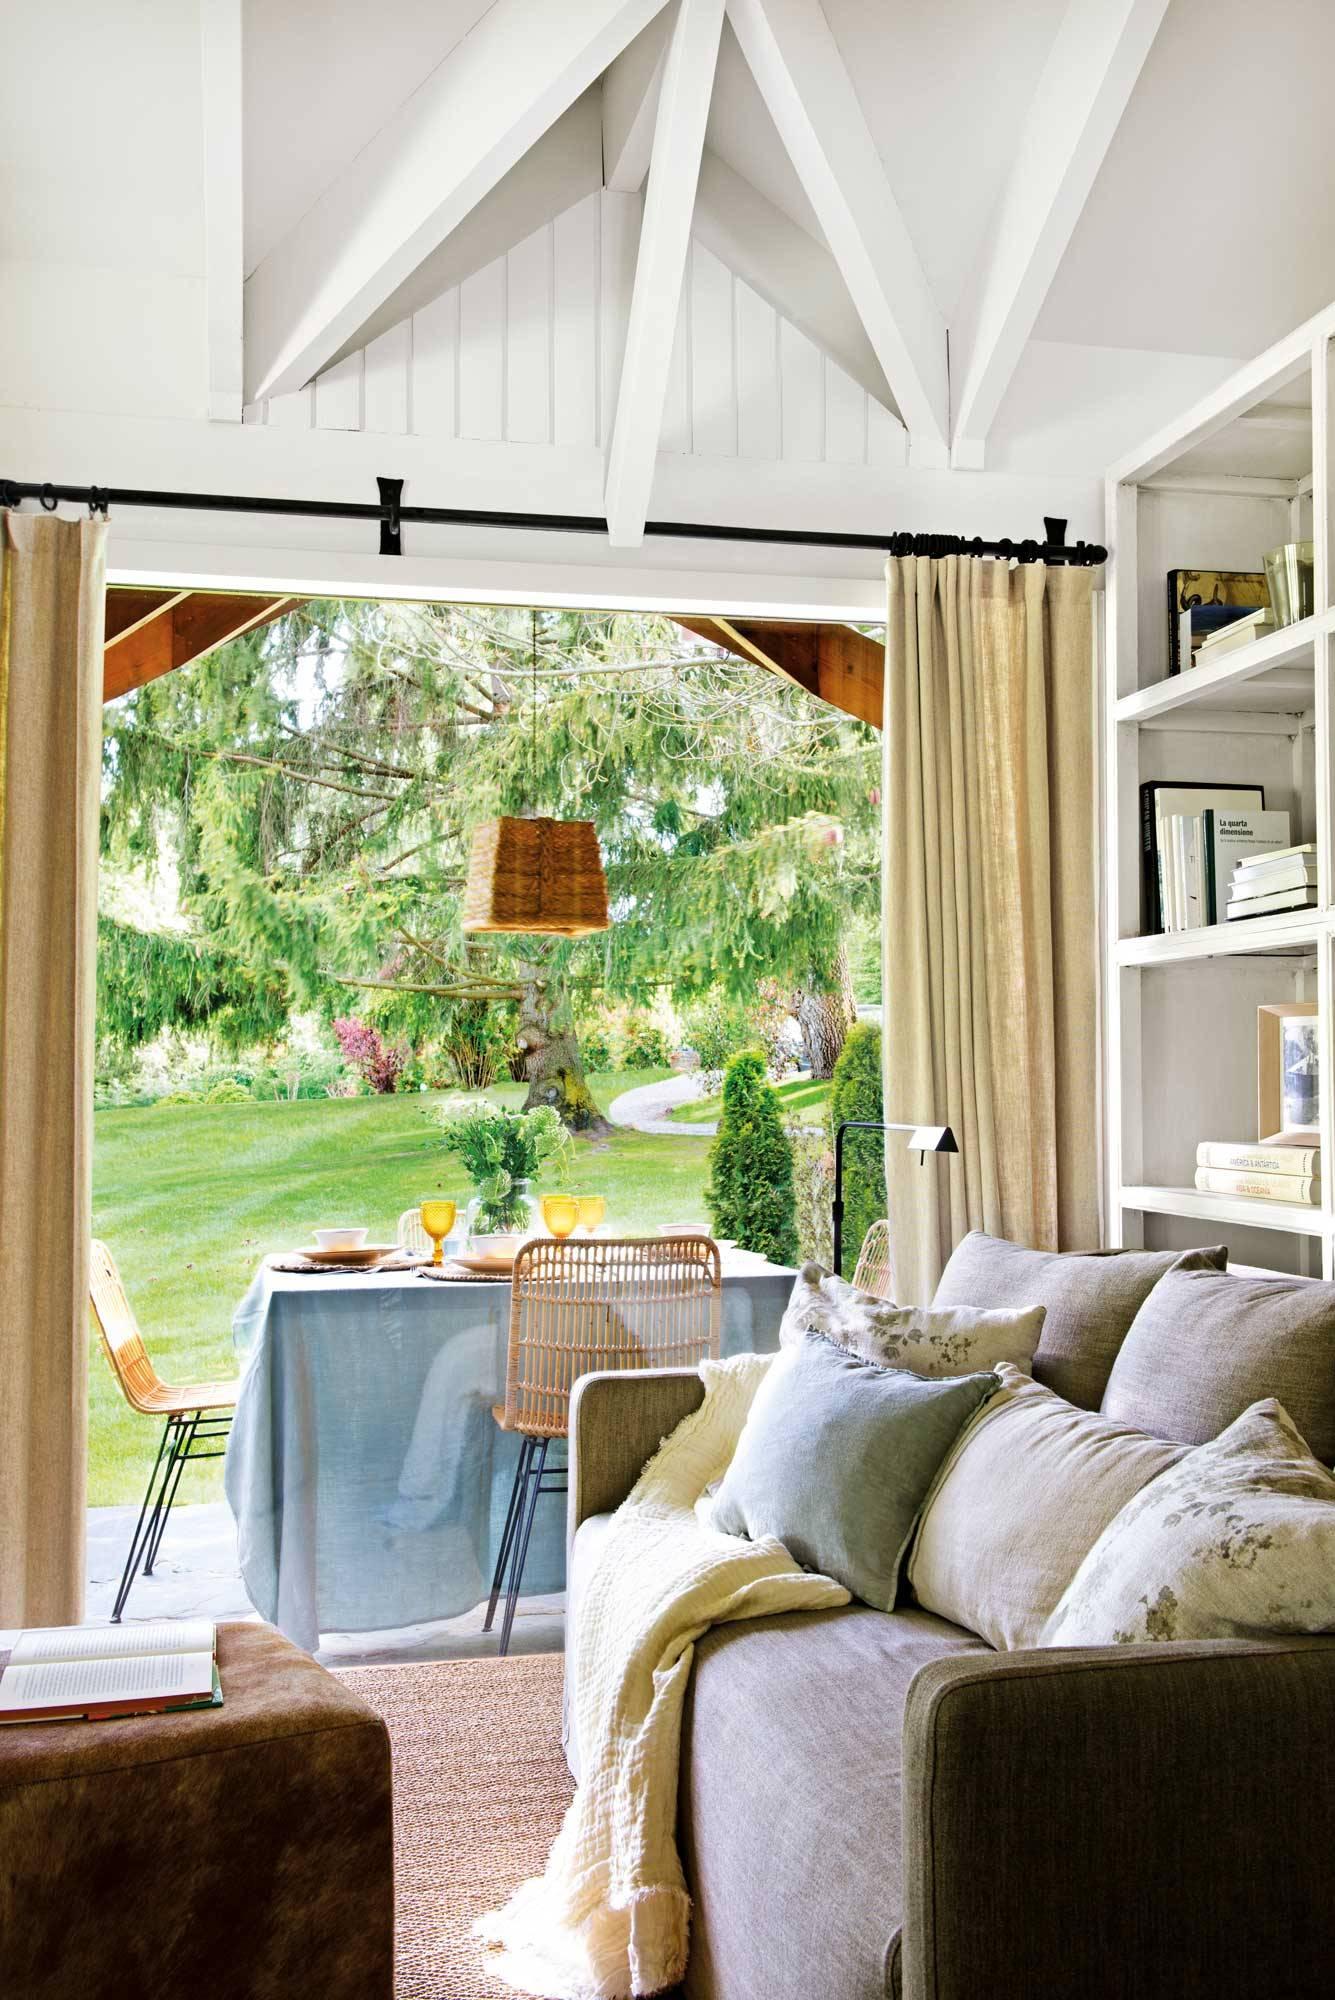 ideas de tratamiento de ventana de casa de playa 50 Casas Rsticas Espectaculares